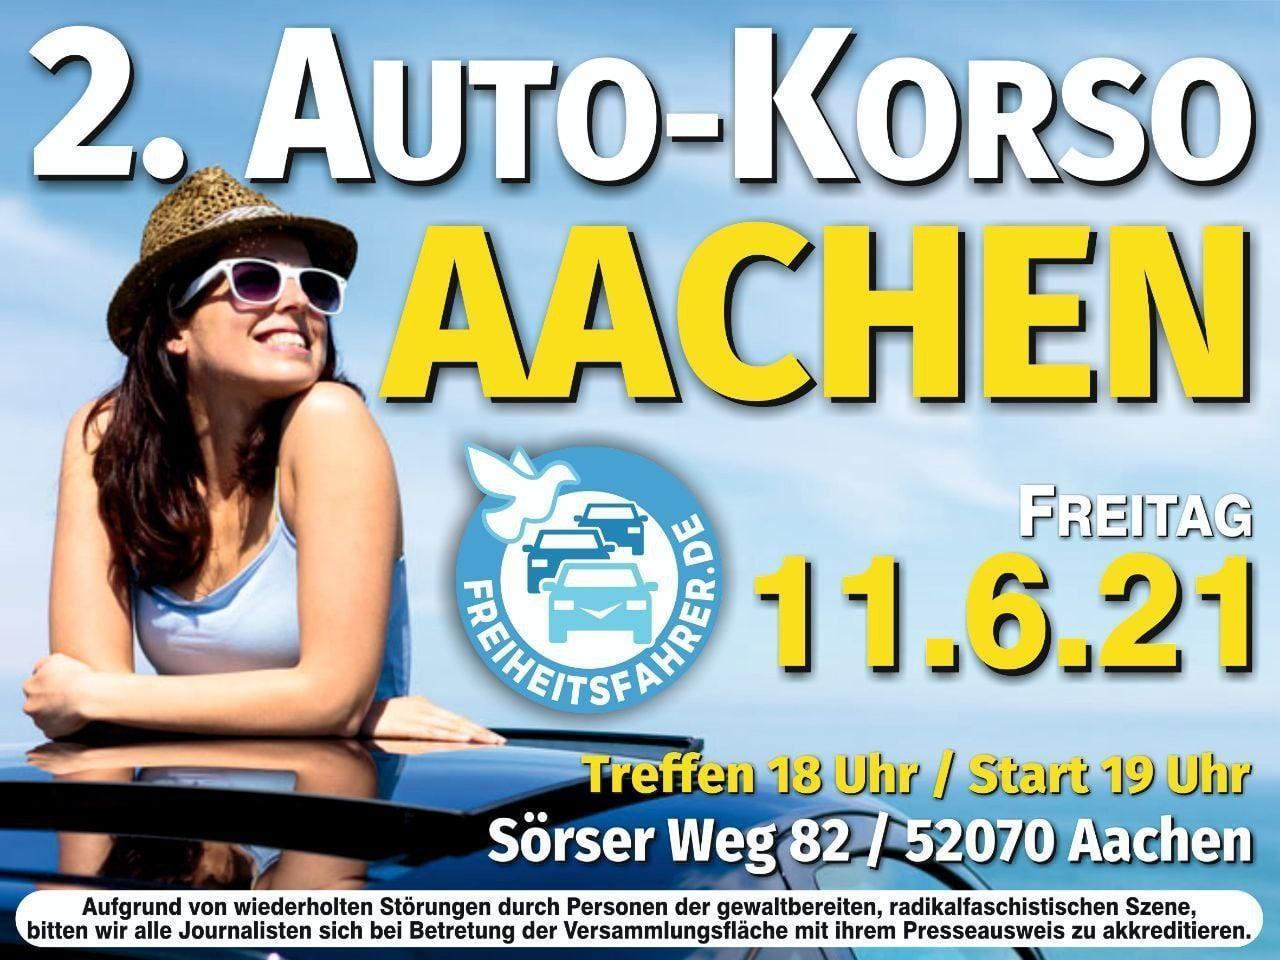 2. Autokorso Aachen